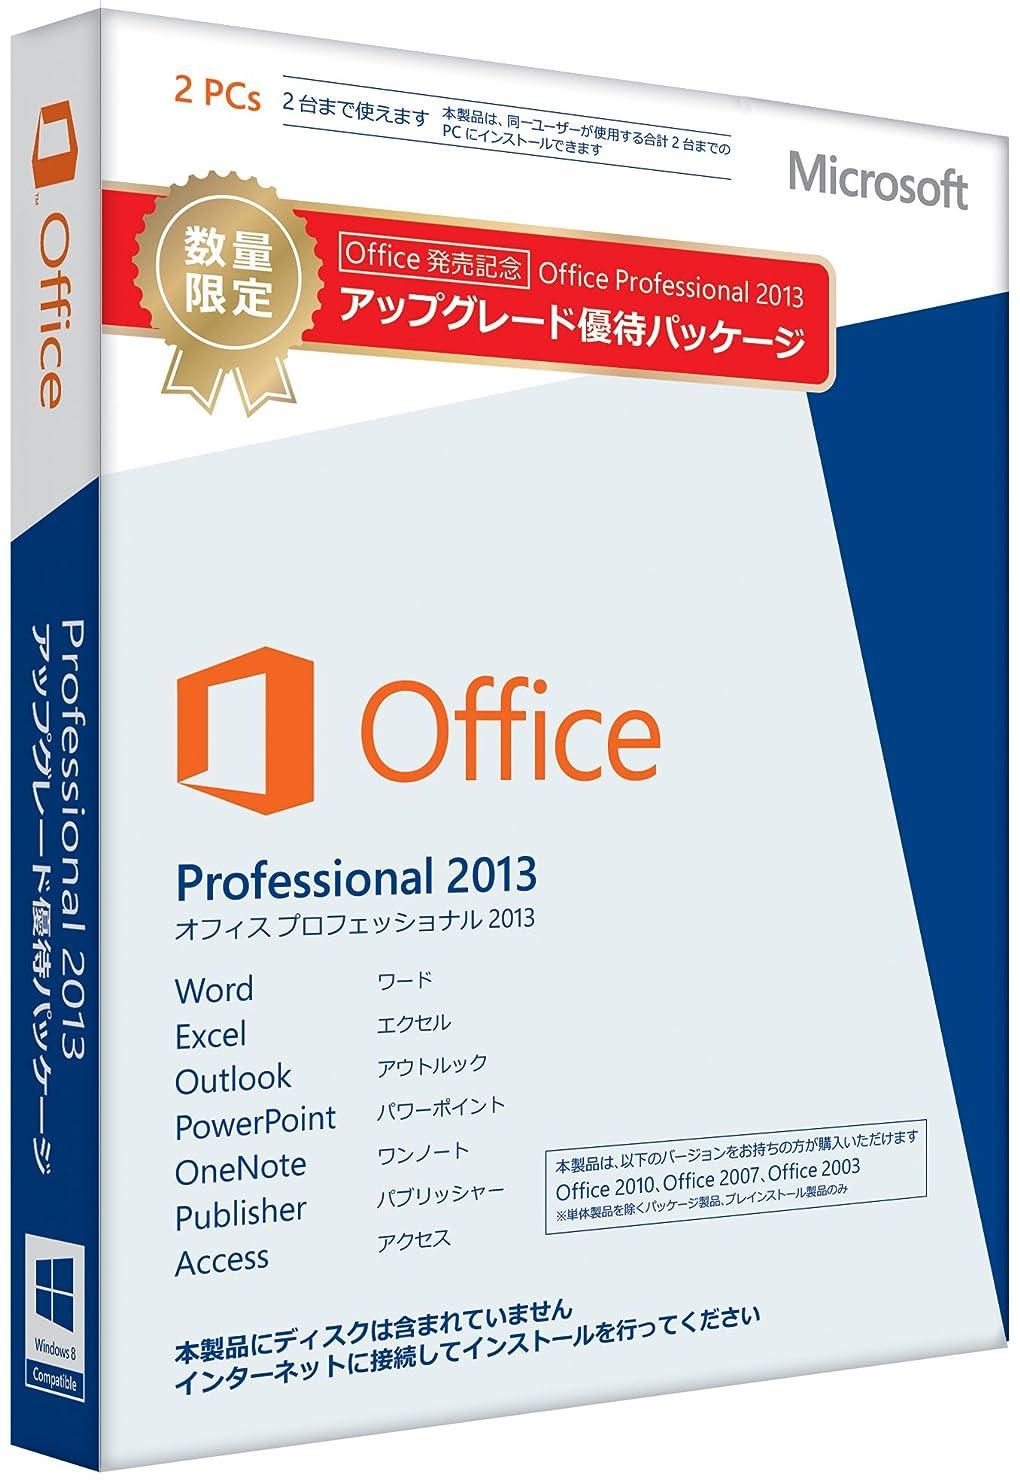 忠誠姓ガウン【旧商品/2016年メーカー出荷終了】Microsoft Office Professional 2013 アップグレード優待パッケージ  [プロダクトキーのみ] [パッケージ] [Windows版](PC2台/1ライセンス)